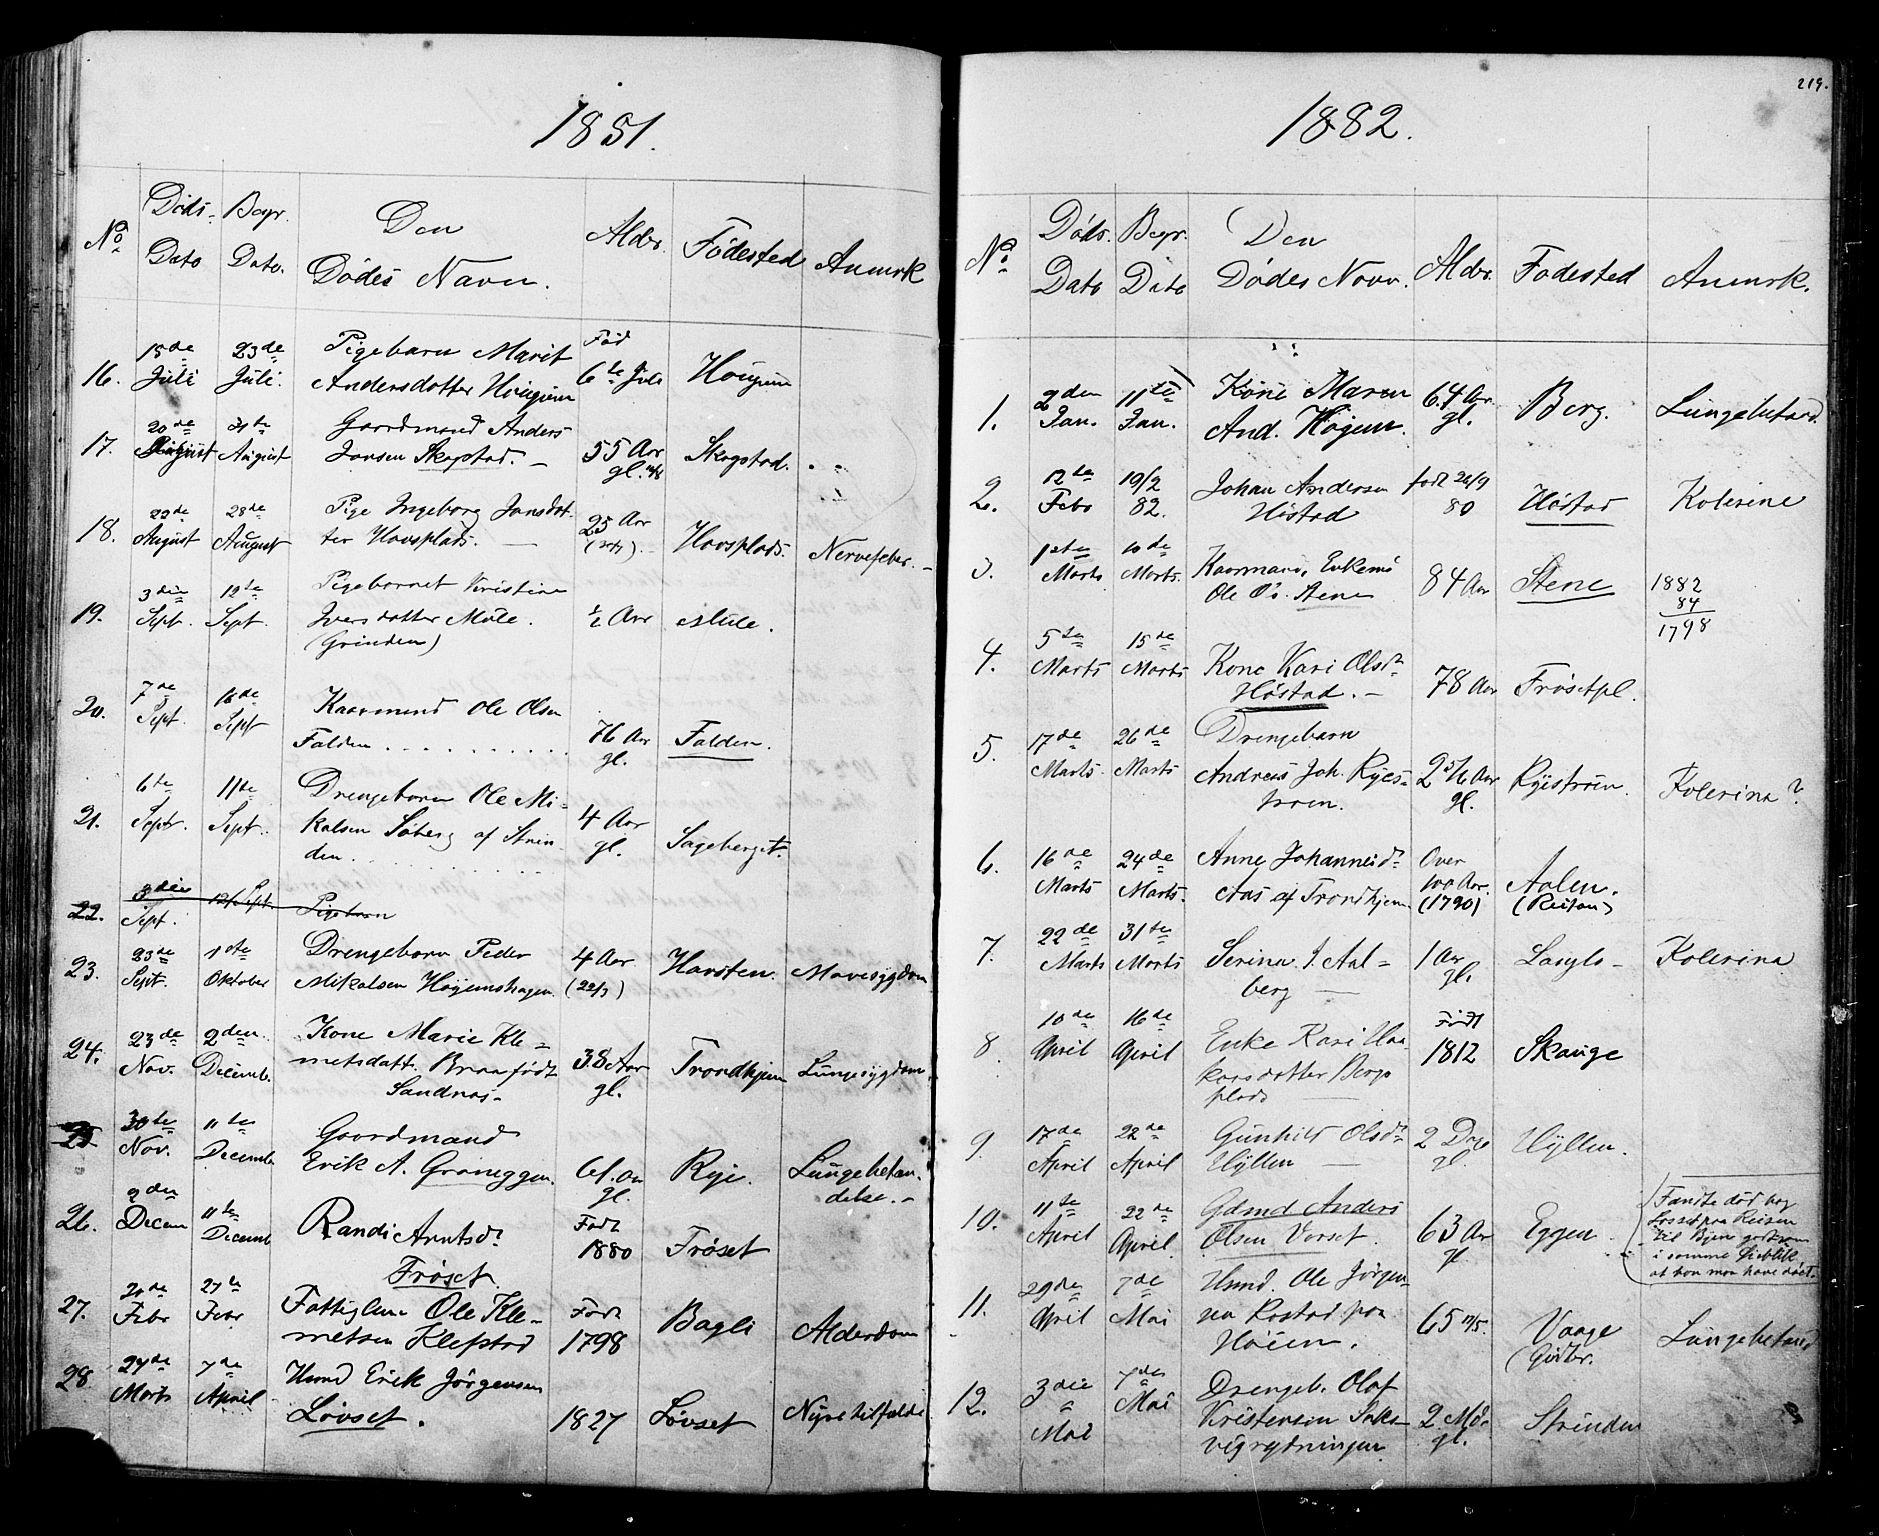 SAT, Ministerialprotokoller, klokkerbøker og fødselsregistre - Sør-Trøndelag, 612/L0387: Klokkerbok nr. 612C03, 1874-1908, s. 219